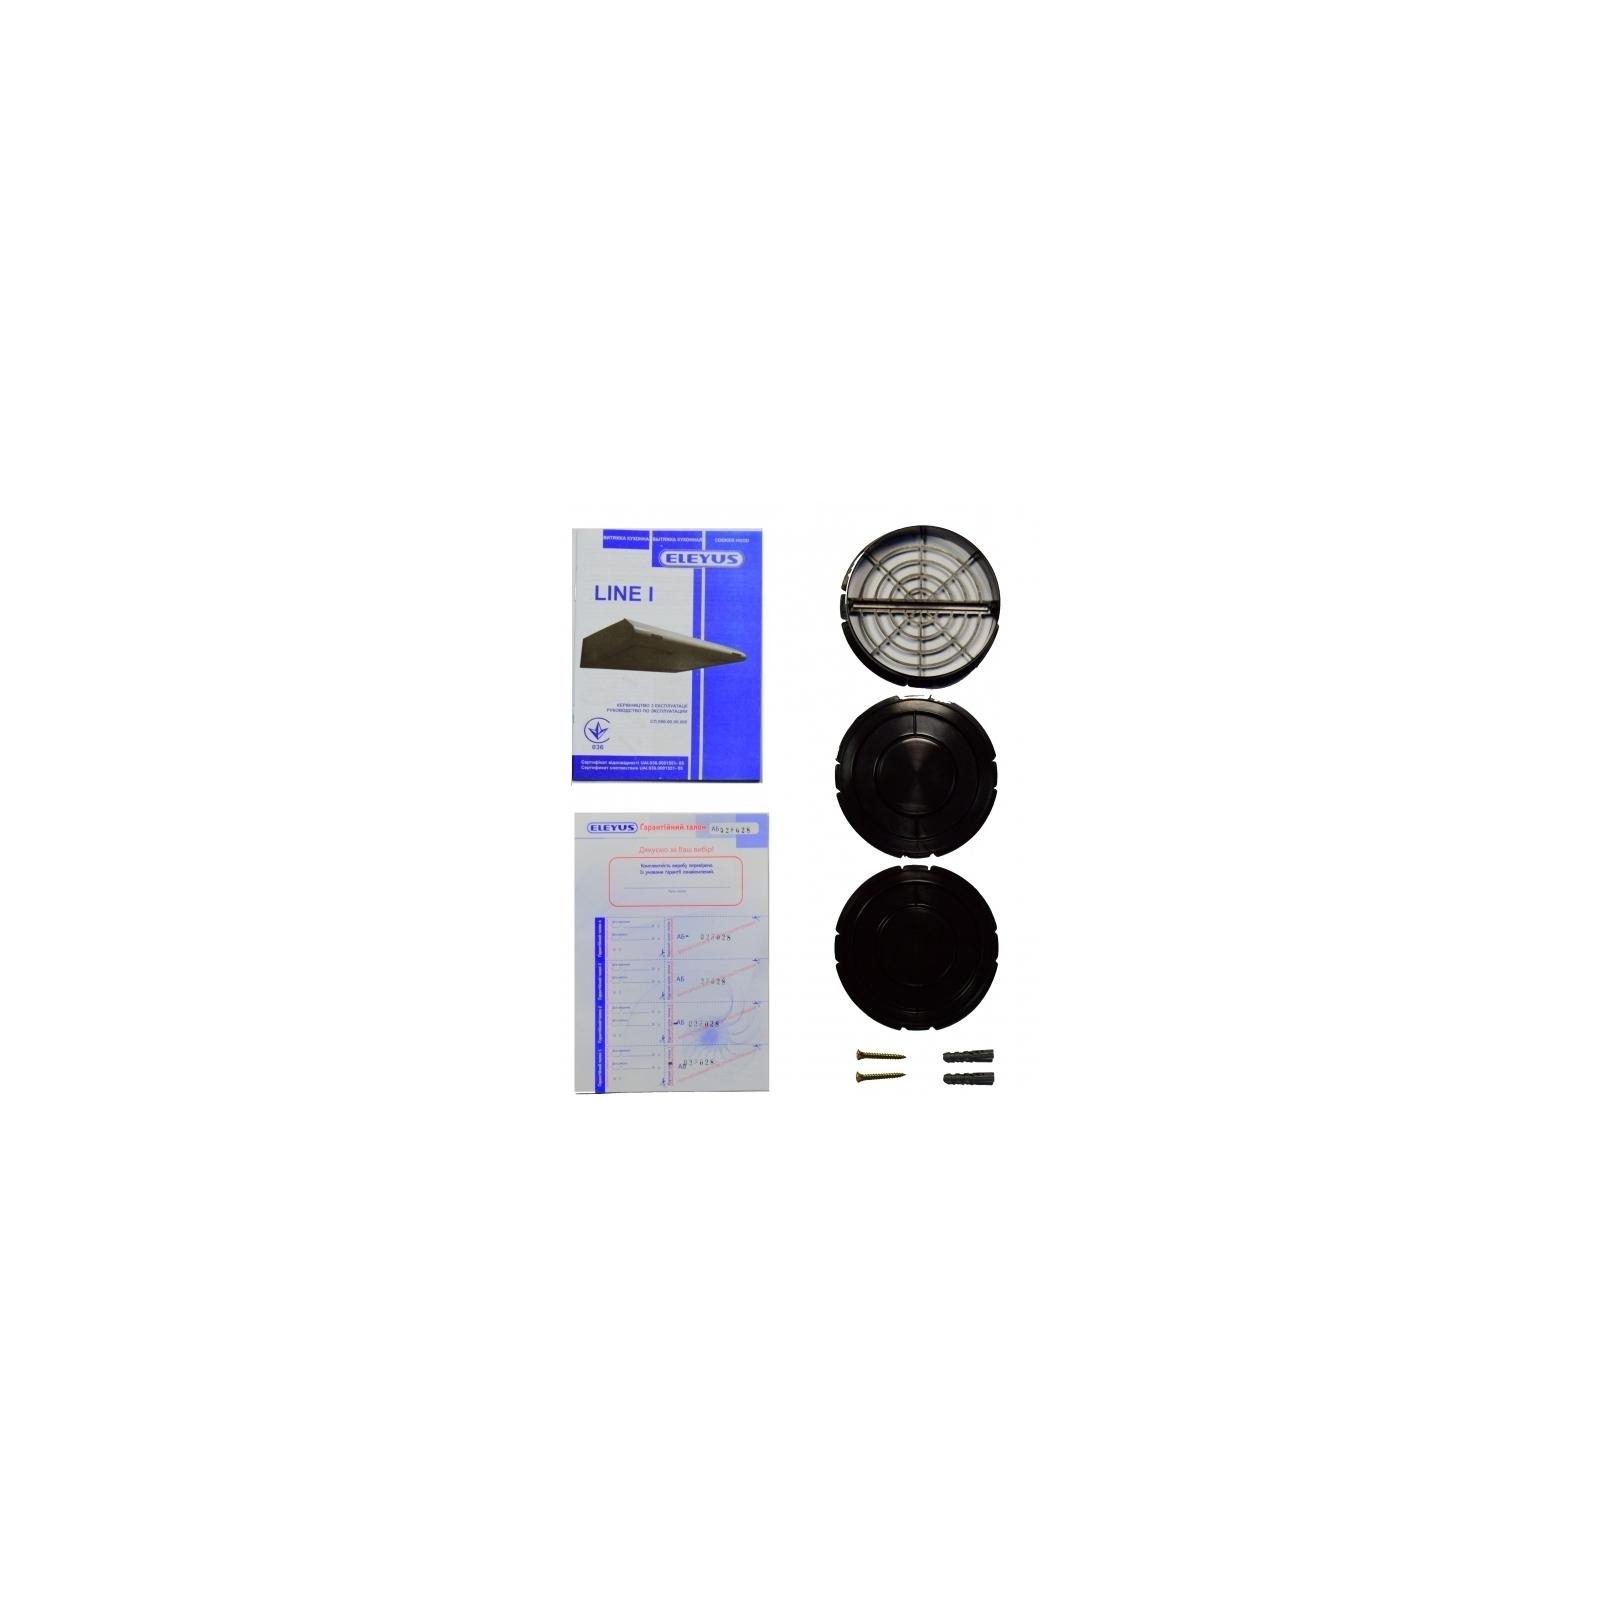 Вытяжка кухонная ELEYUS Line I 60 IS изображение 10